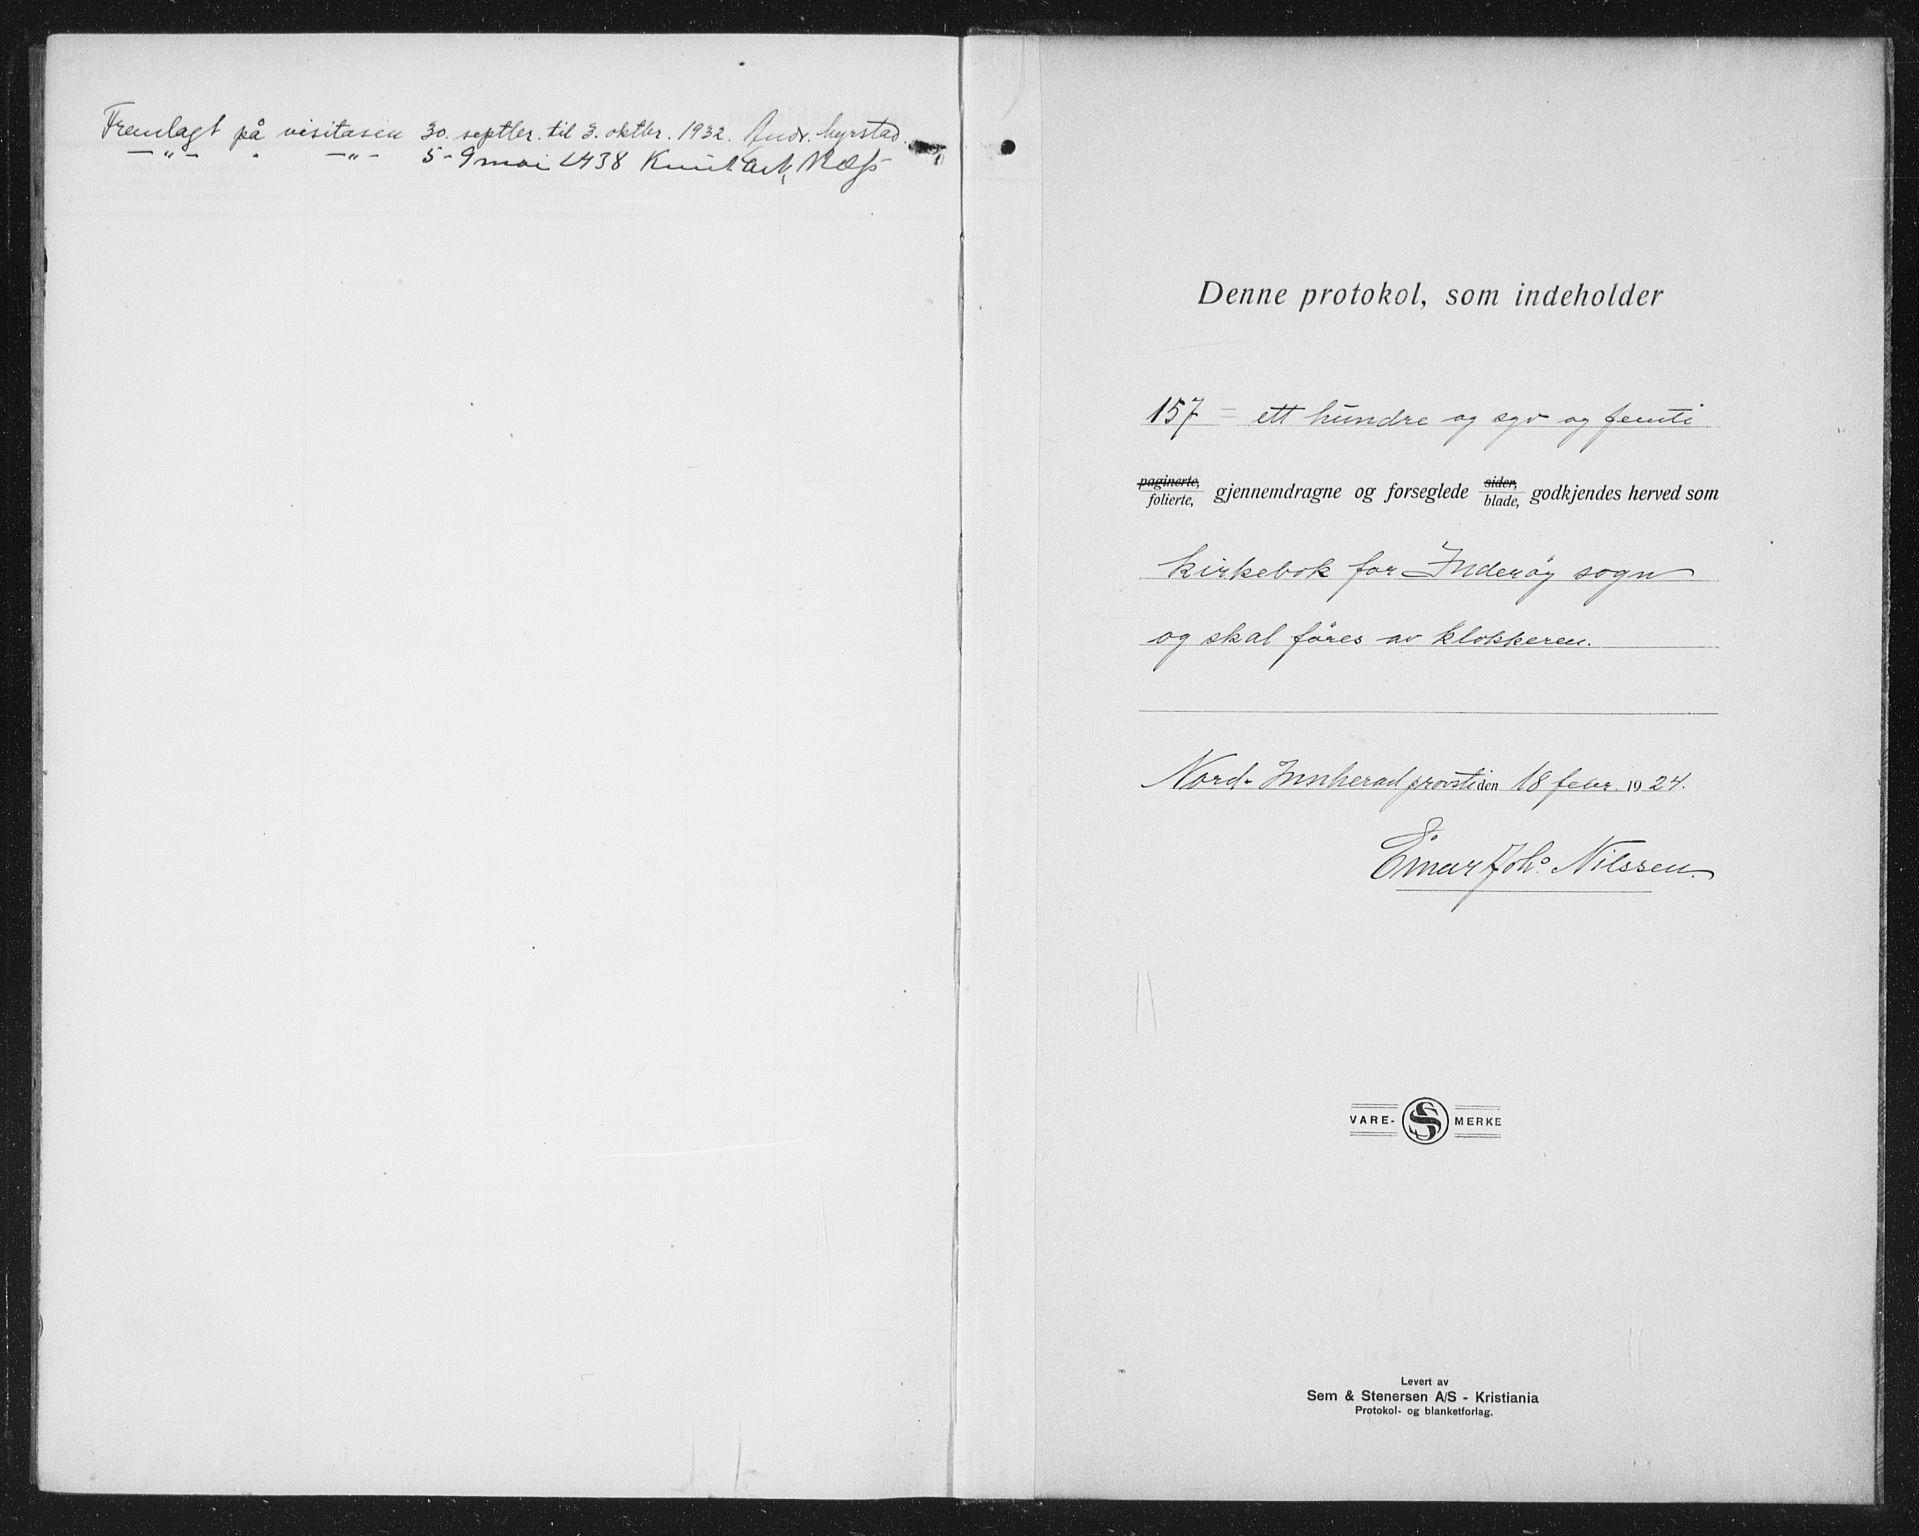 SAT, Ministerialprotokoller, klokkerbøker og fødselsregistre - Nord-Trøndelag, 730/L0303: Klokkerbok nr. 730C06, 1924-1933